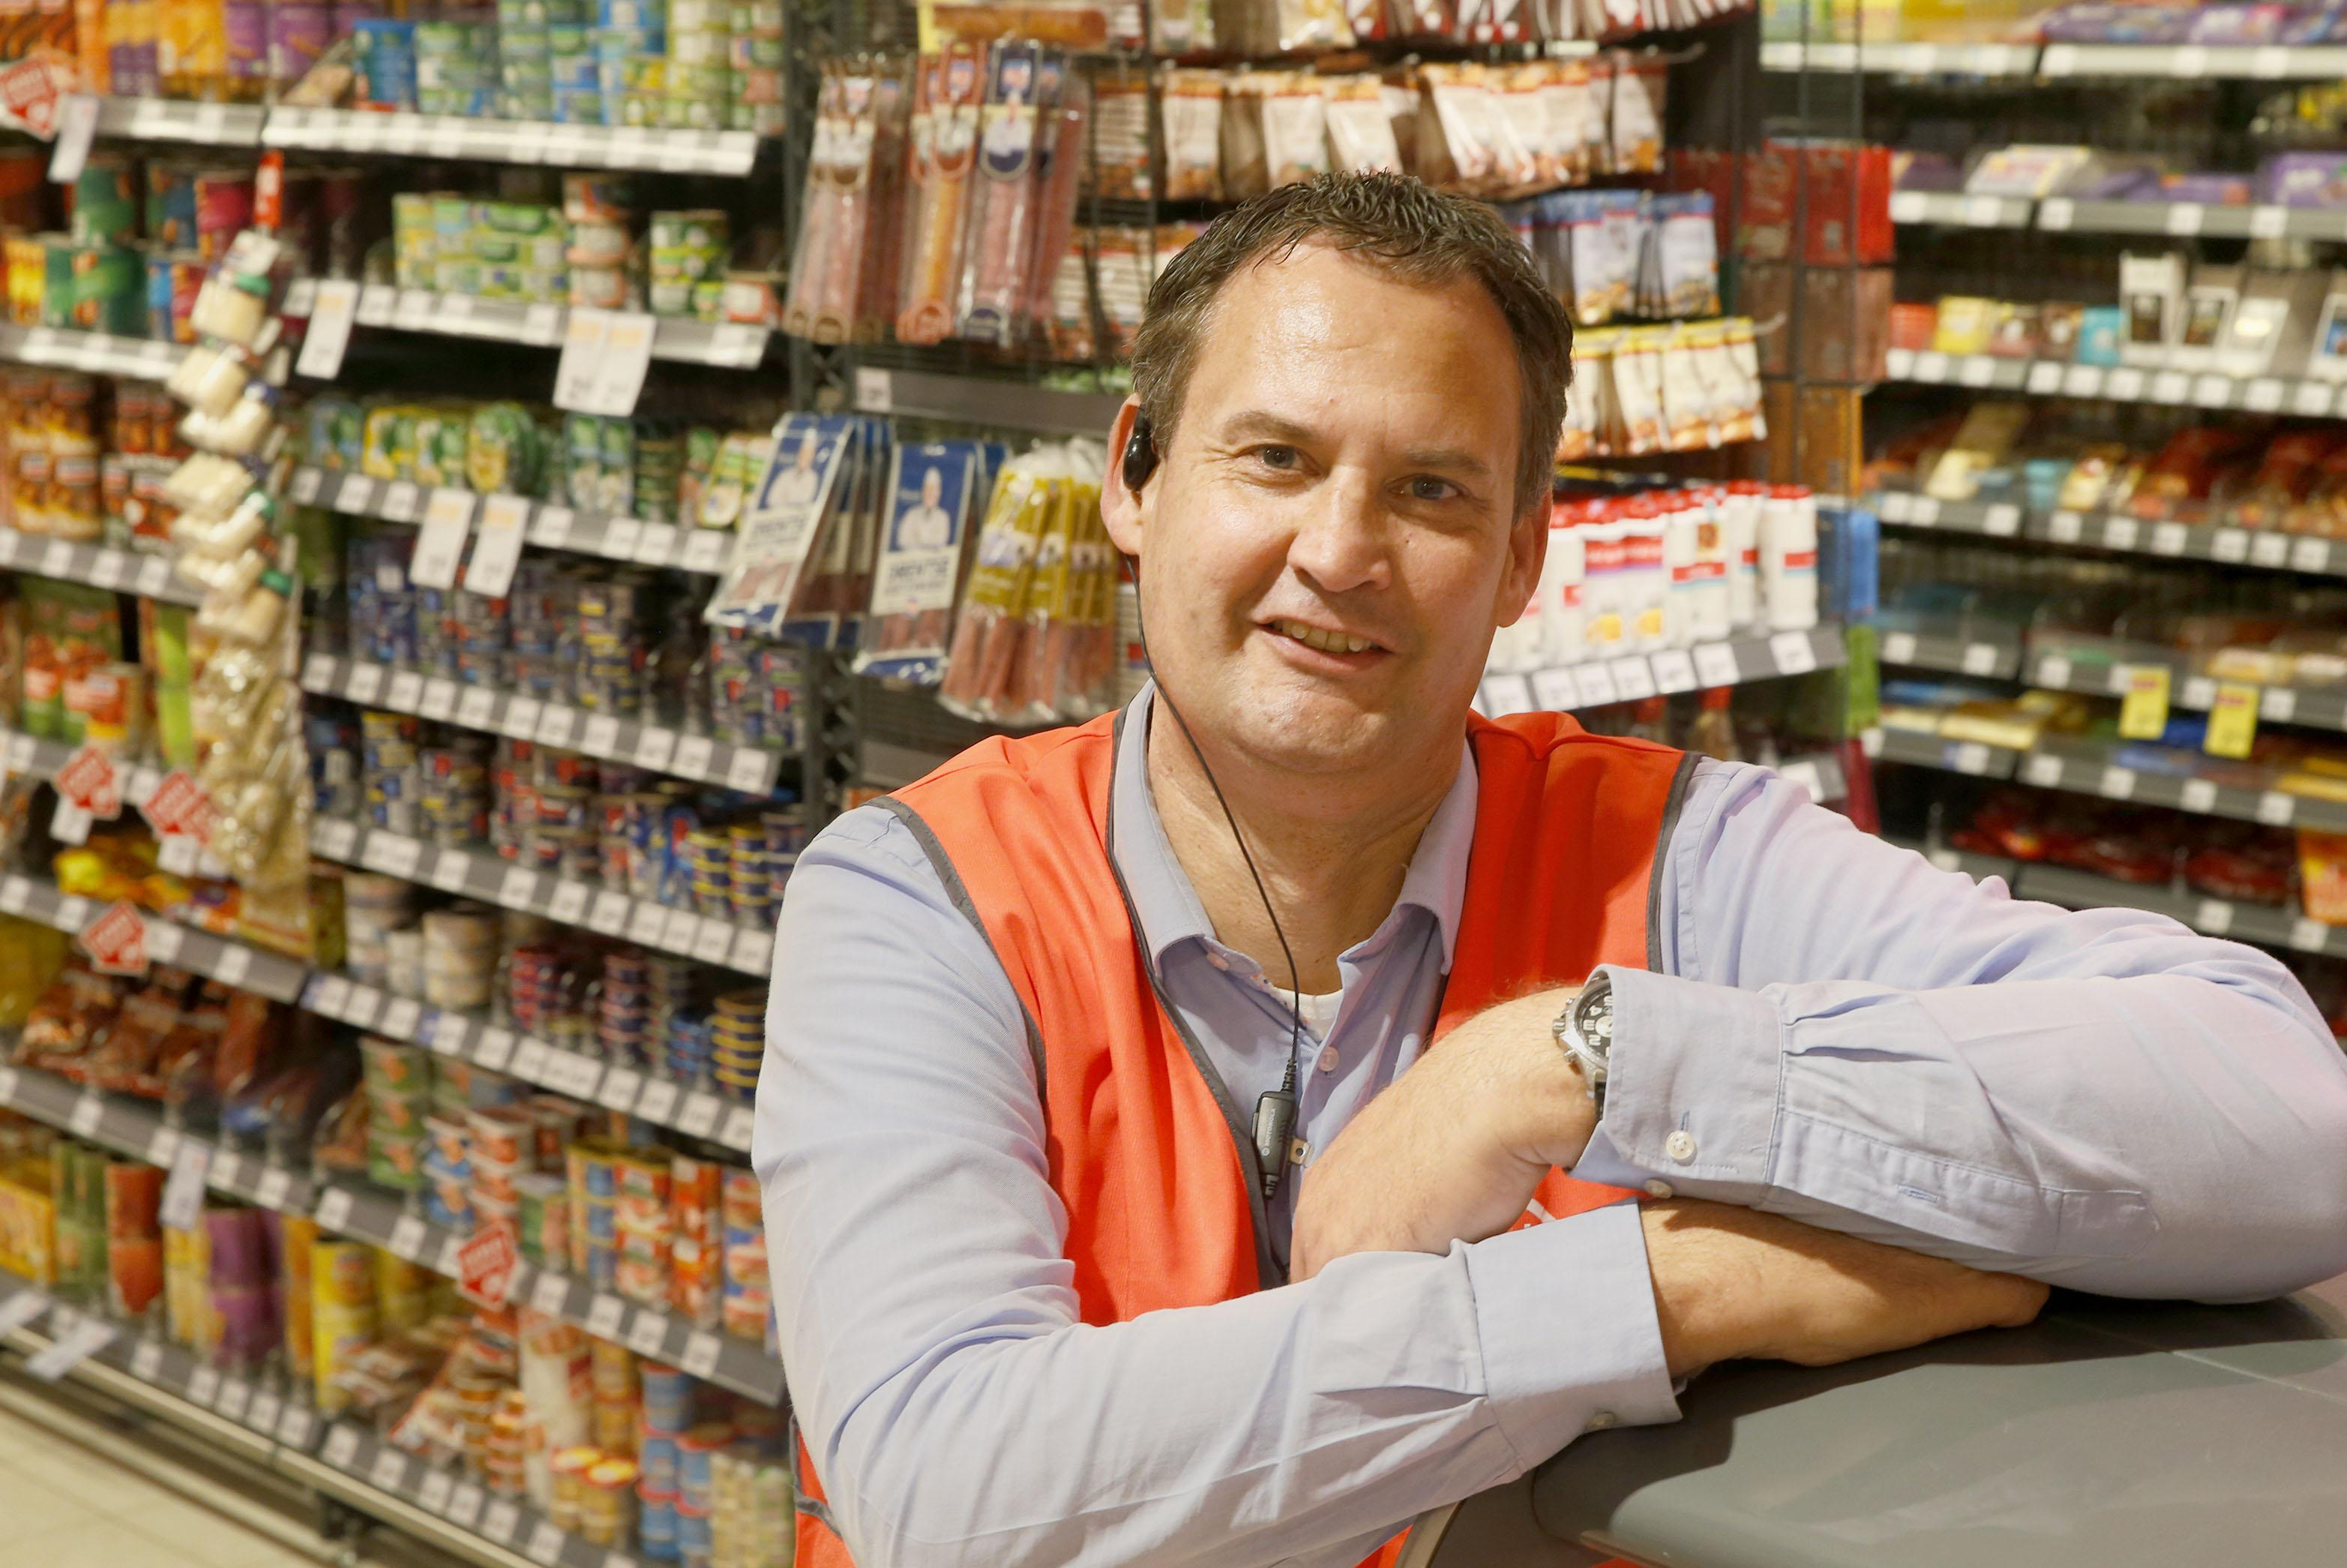 'Ik dacht eerst dat het een grap was', zegt bedrijfsleider Jacob-Jan de Vries over de flinke bonus van Deen. Maar het gebaar wordt gewaardeerd. 'De afgelopen maanden hebben als een rollercoaster gevoeld'